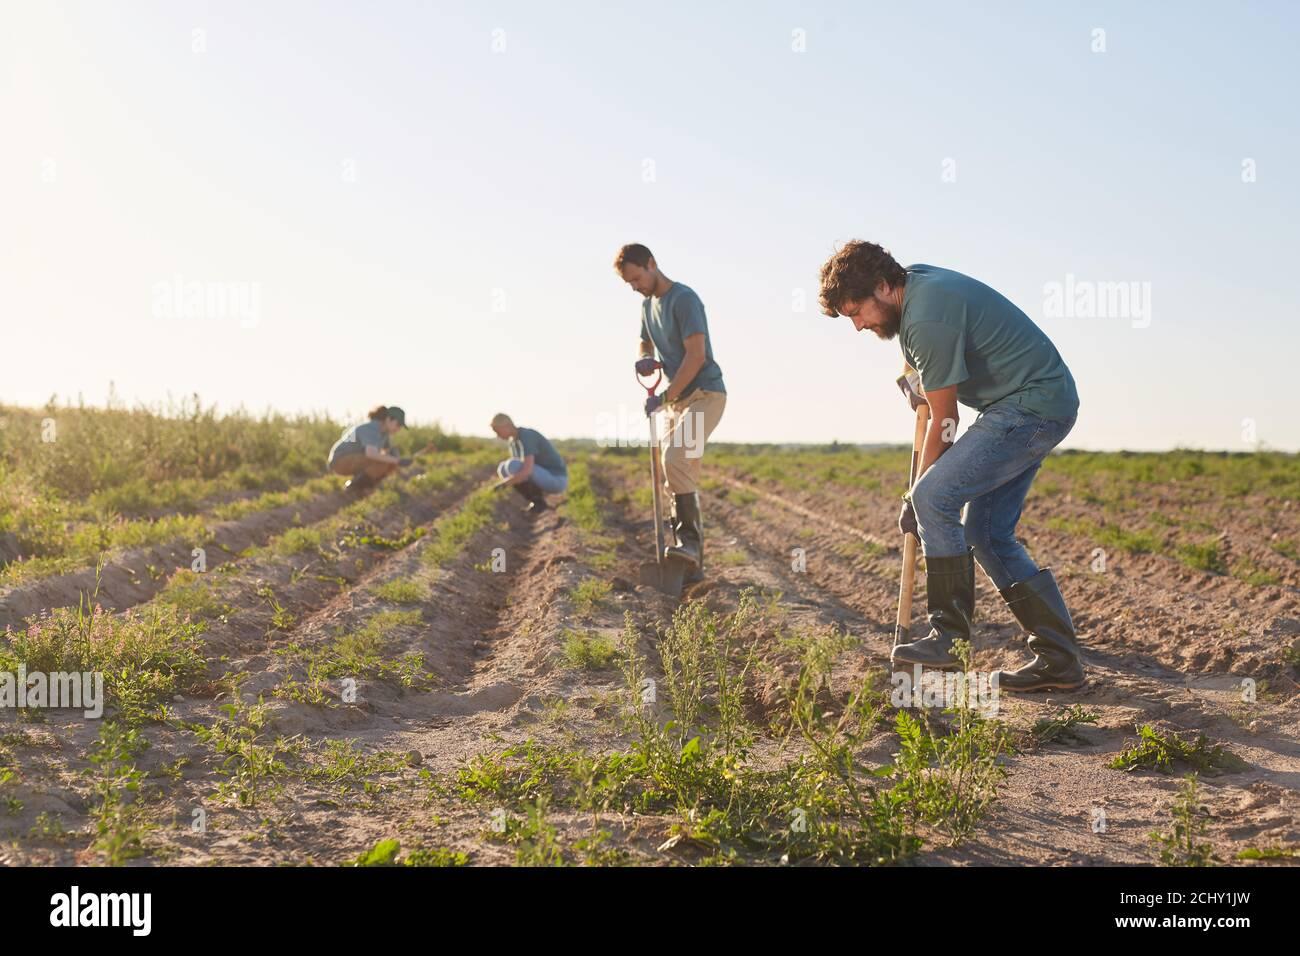 Vista angular de los trabajadores excavando suelo con palas y plantando cultivos en plantaciones de hortalizas al aire libre iluminado por la luz del sol, copiar espacio Foto de stock